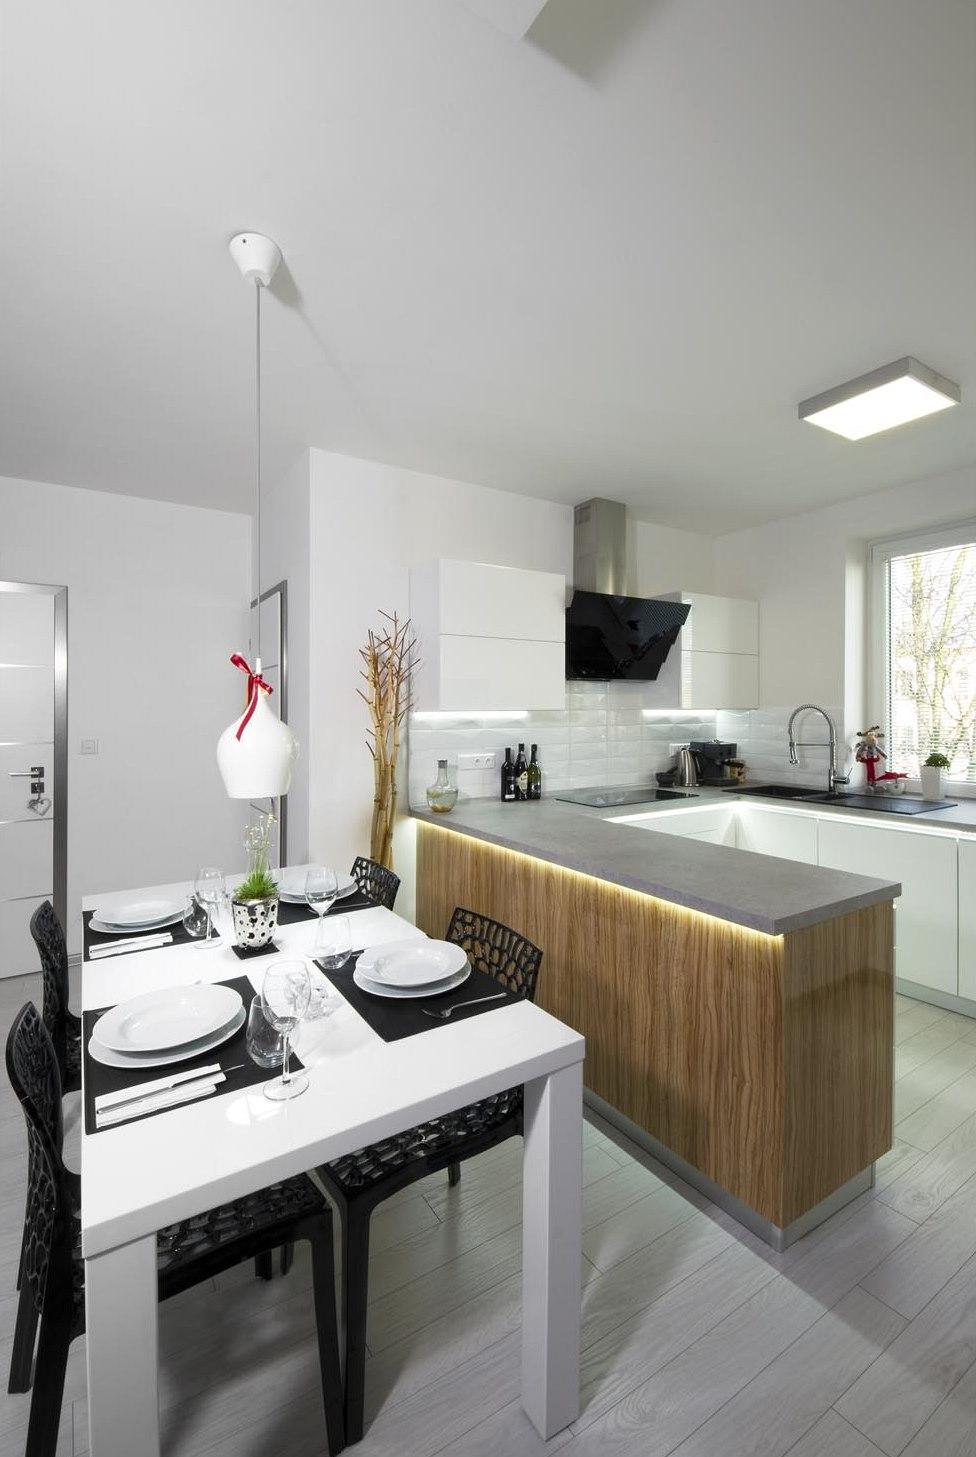 Světelné LED pásky pod pracovní deskou kuchyňské linky slouží jako  pohotovostní večerní nasvícení kuchyně. be27f2c651